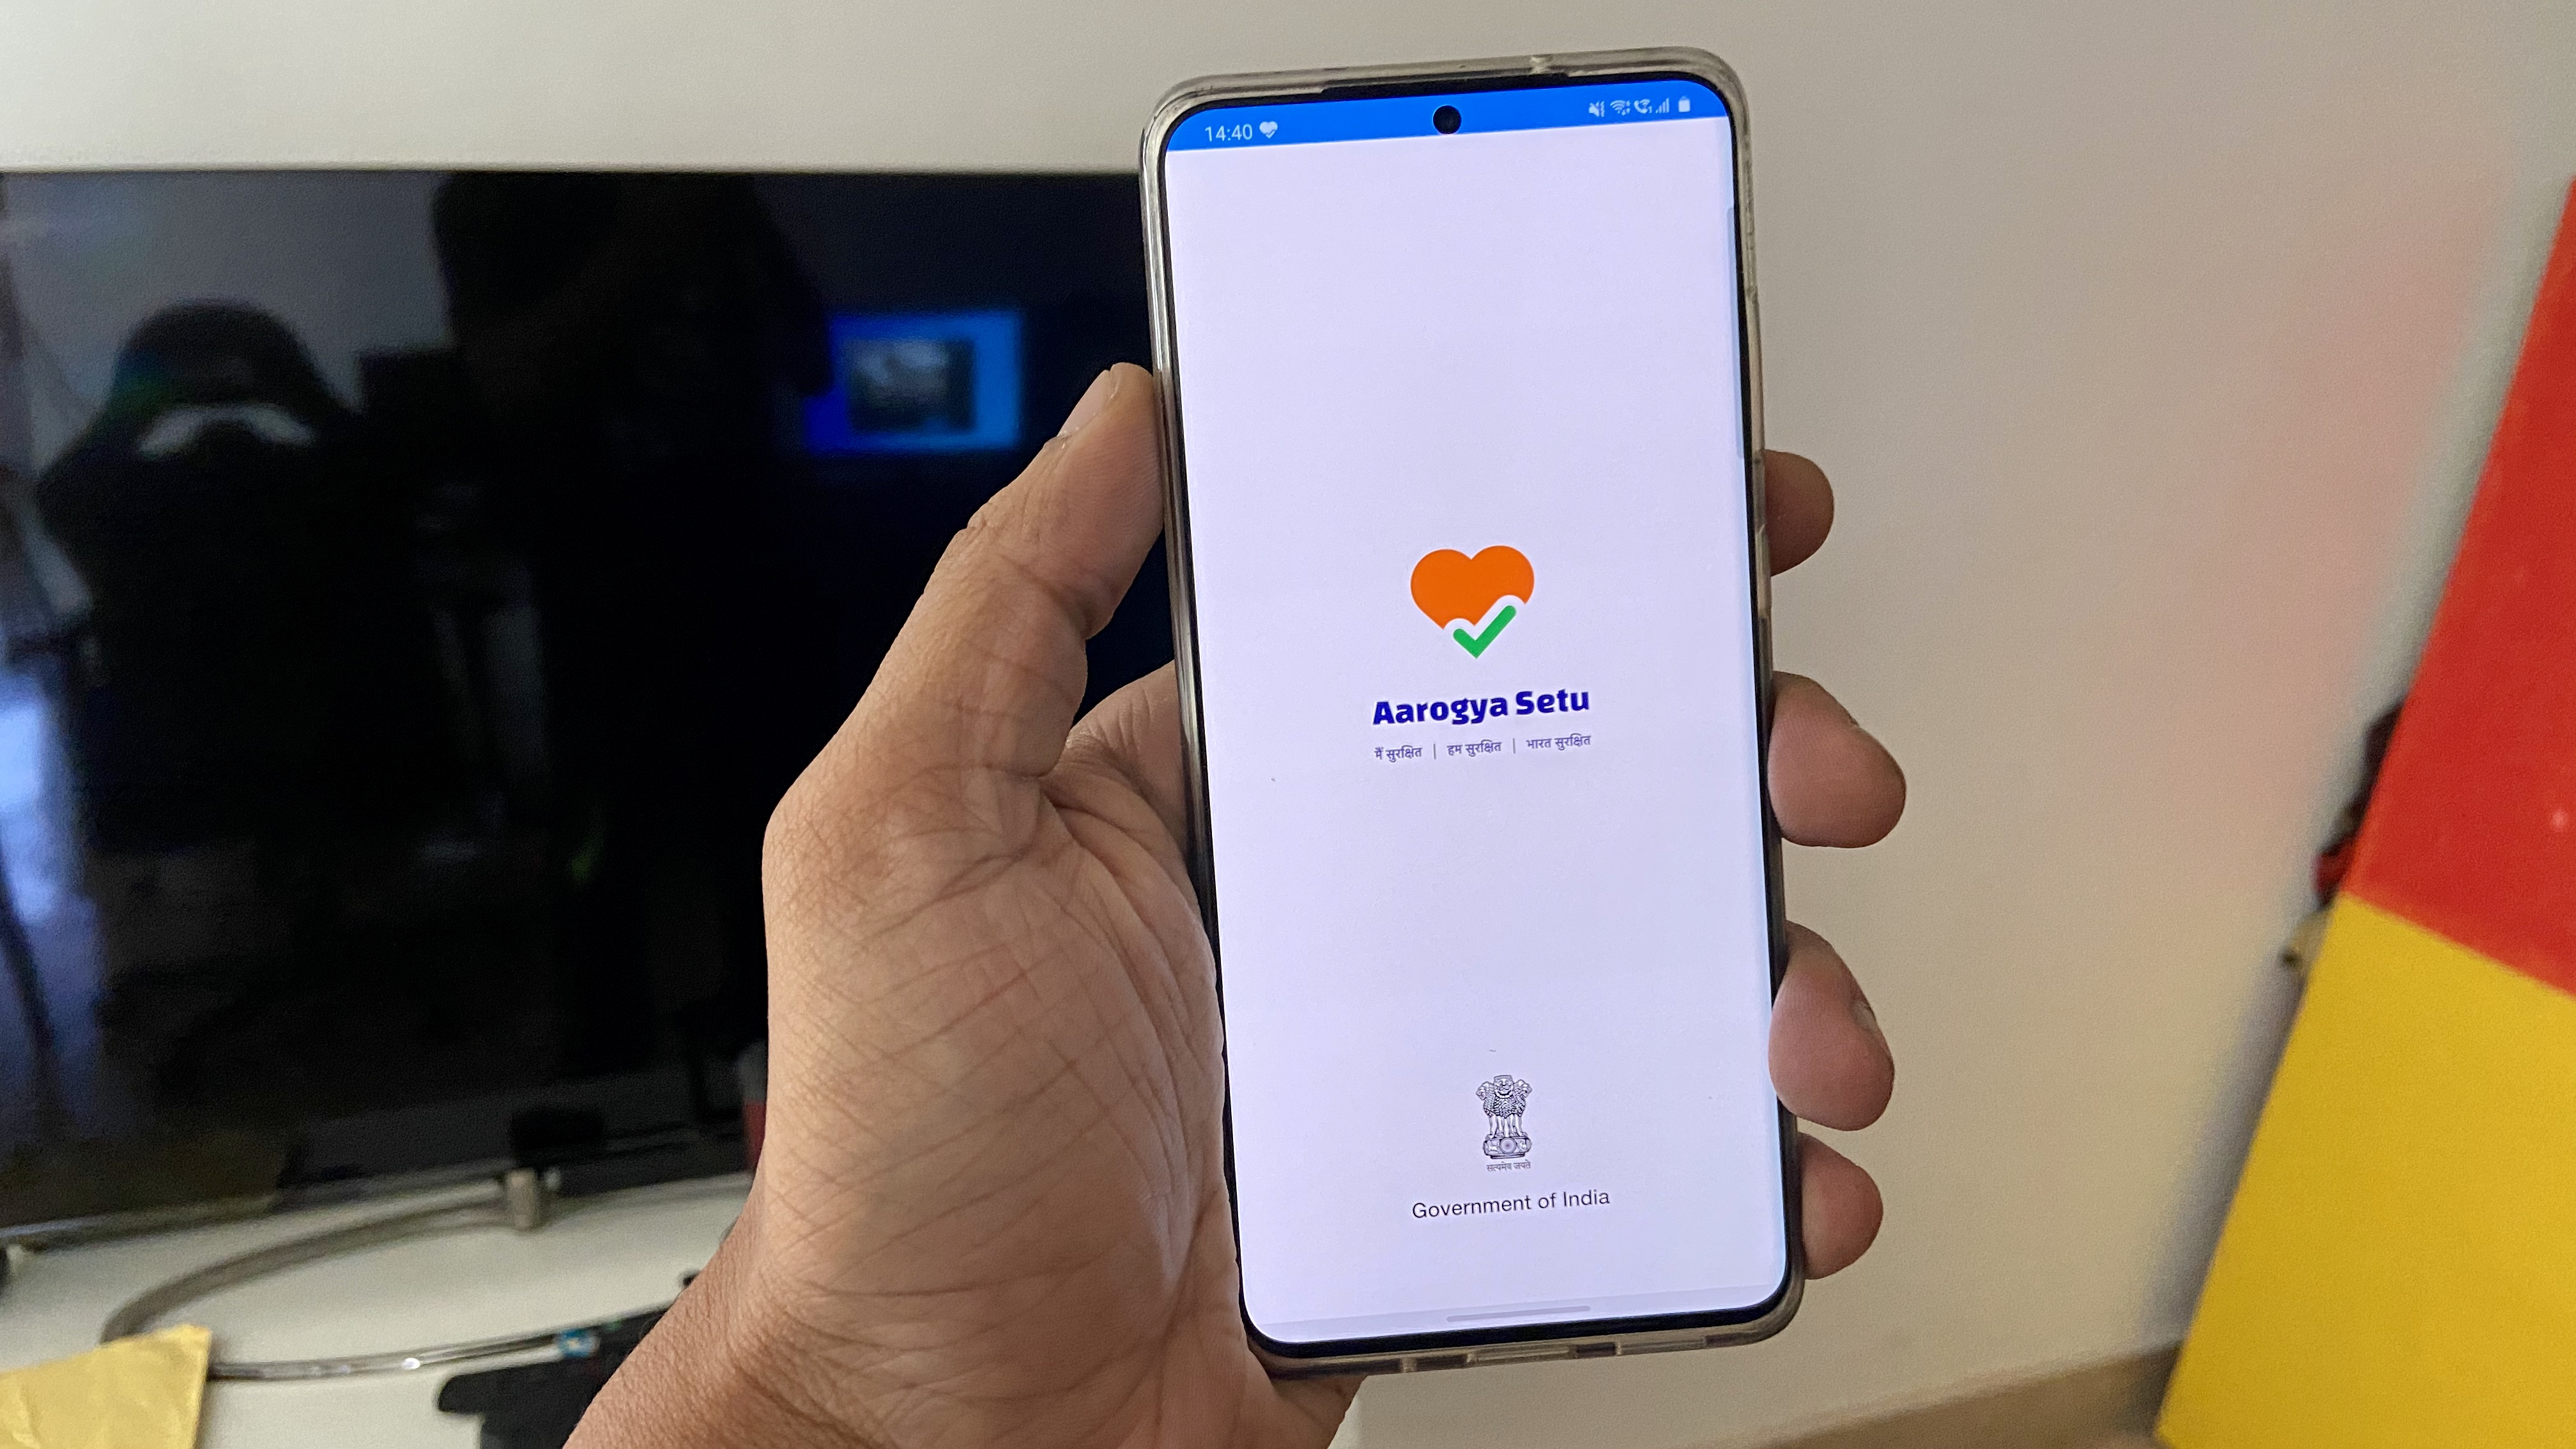 Indian Government launches Aarogya Setu app to track Coronavirus ...